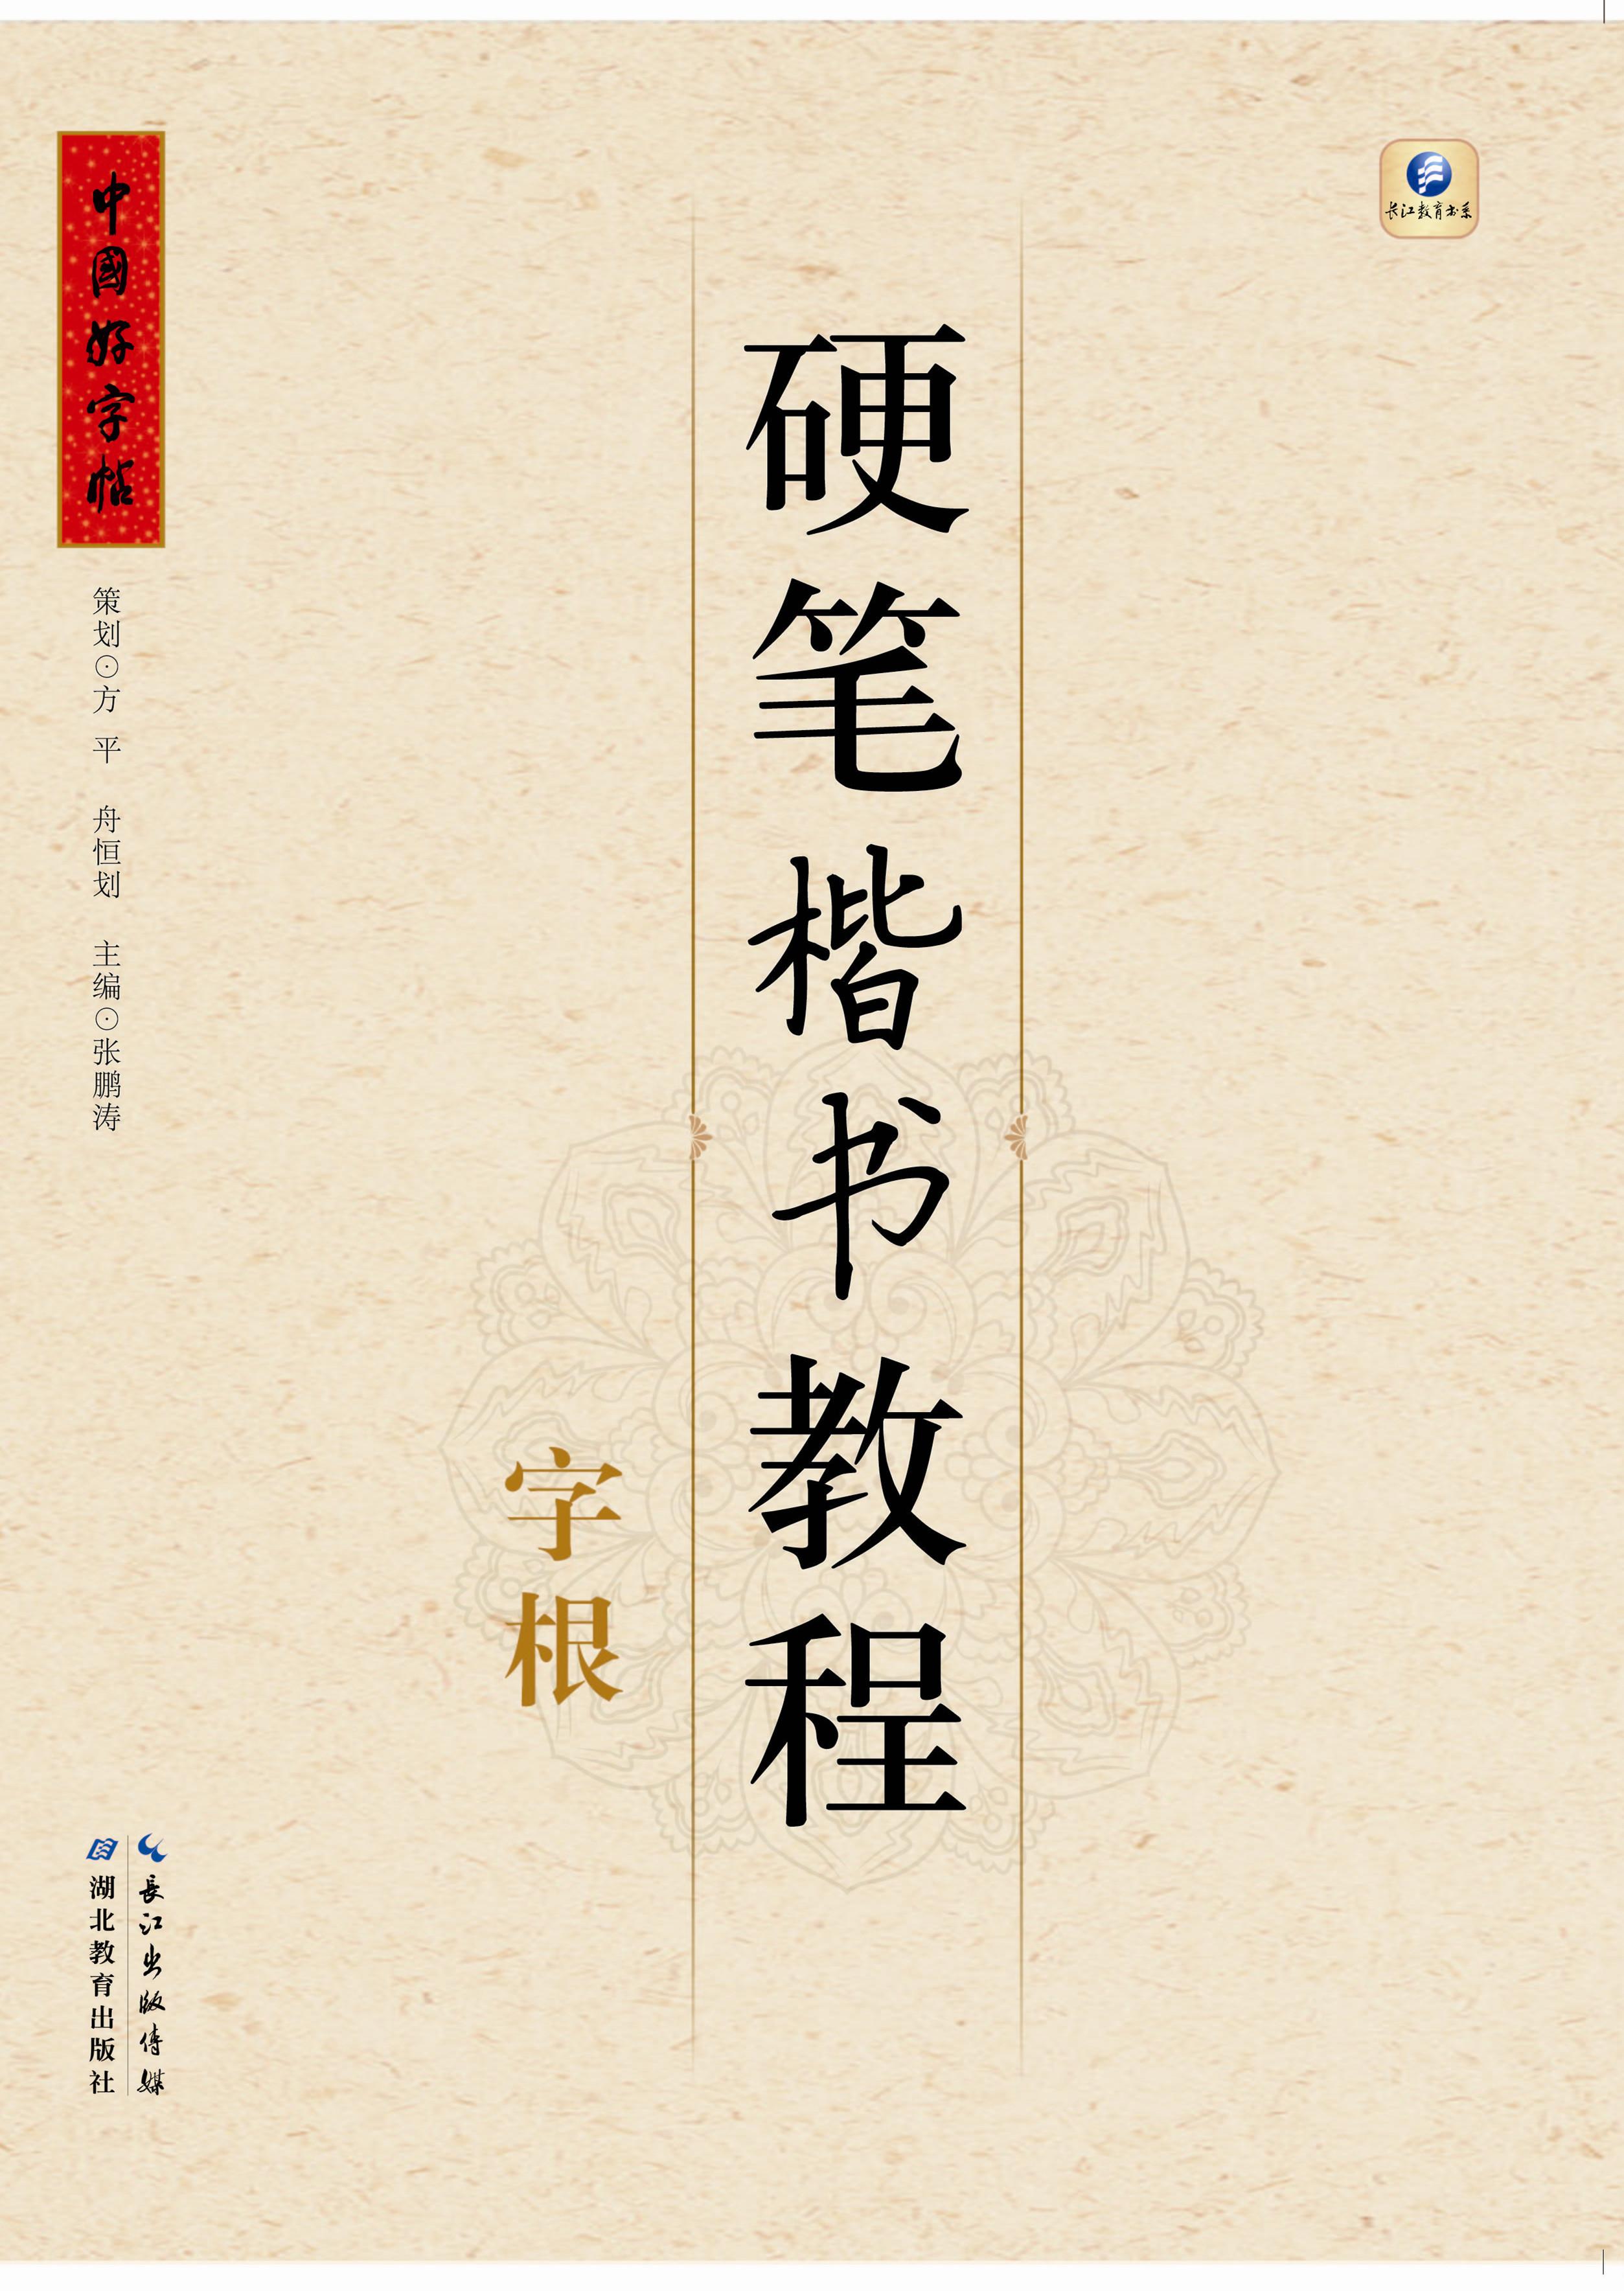 中国好字帖 硬笔楷书教程笔画